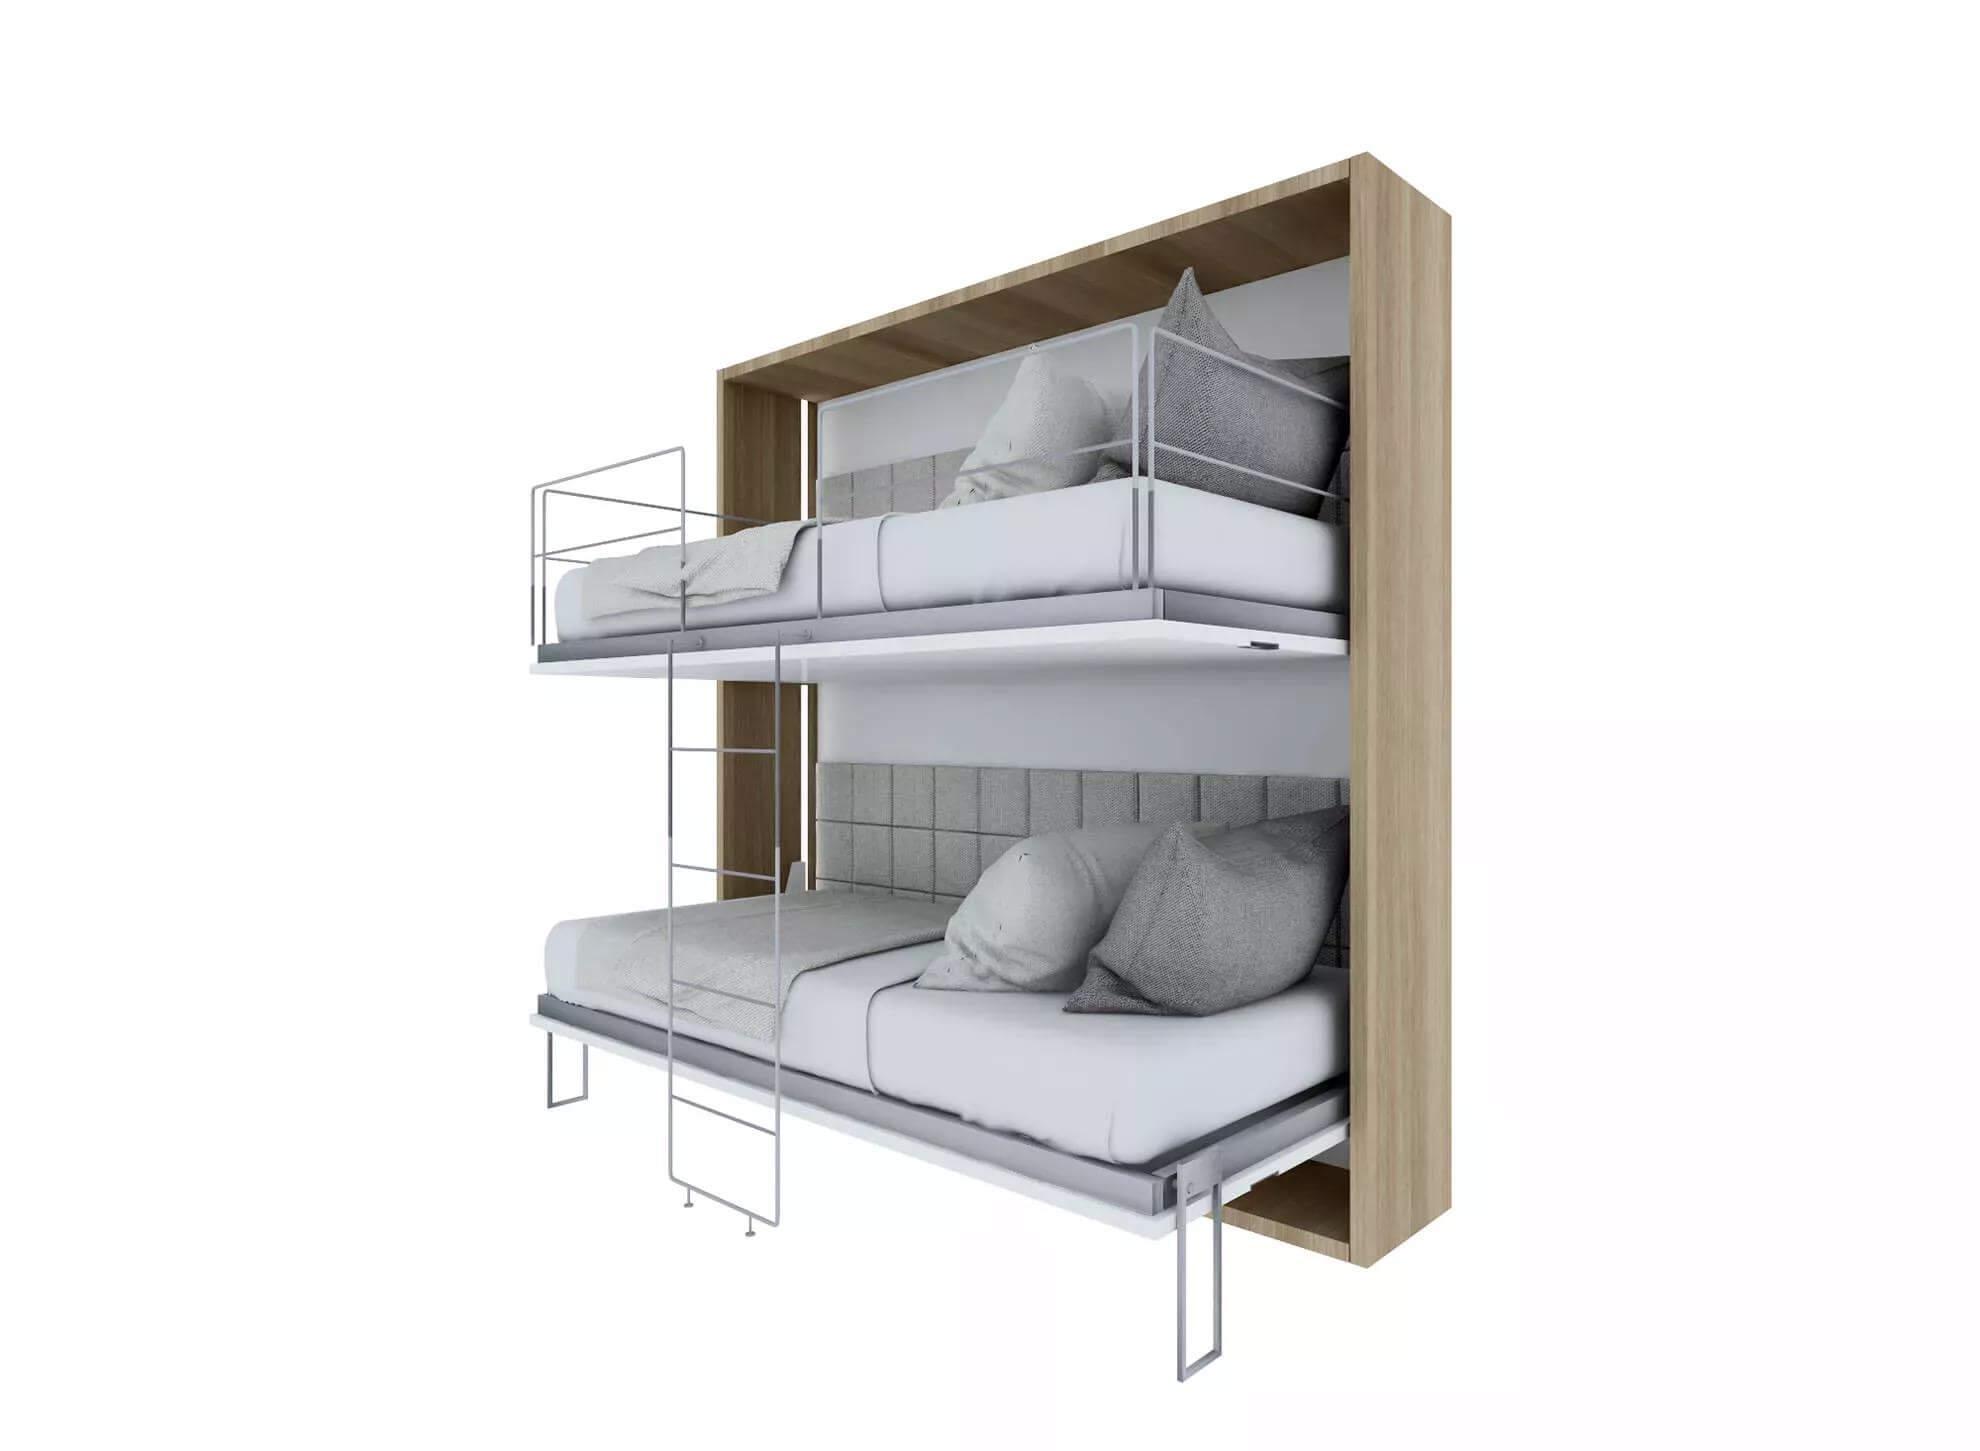 Tiny House BLOXS elements smart furniture Klappbett Doppelbett Stockbett Etagenbett